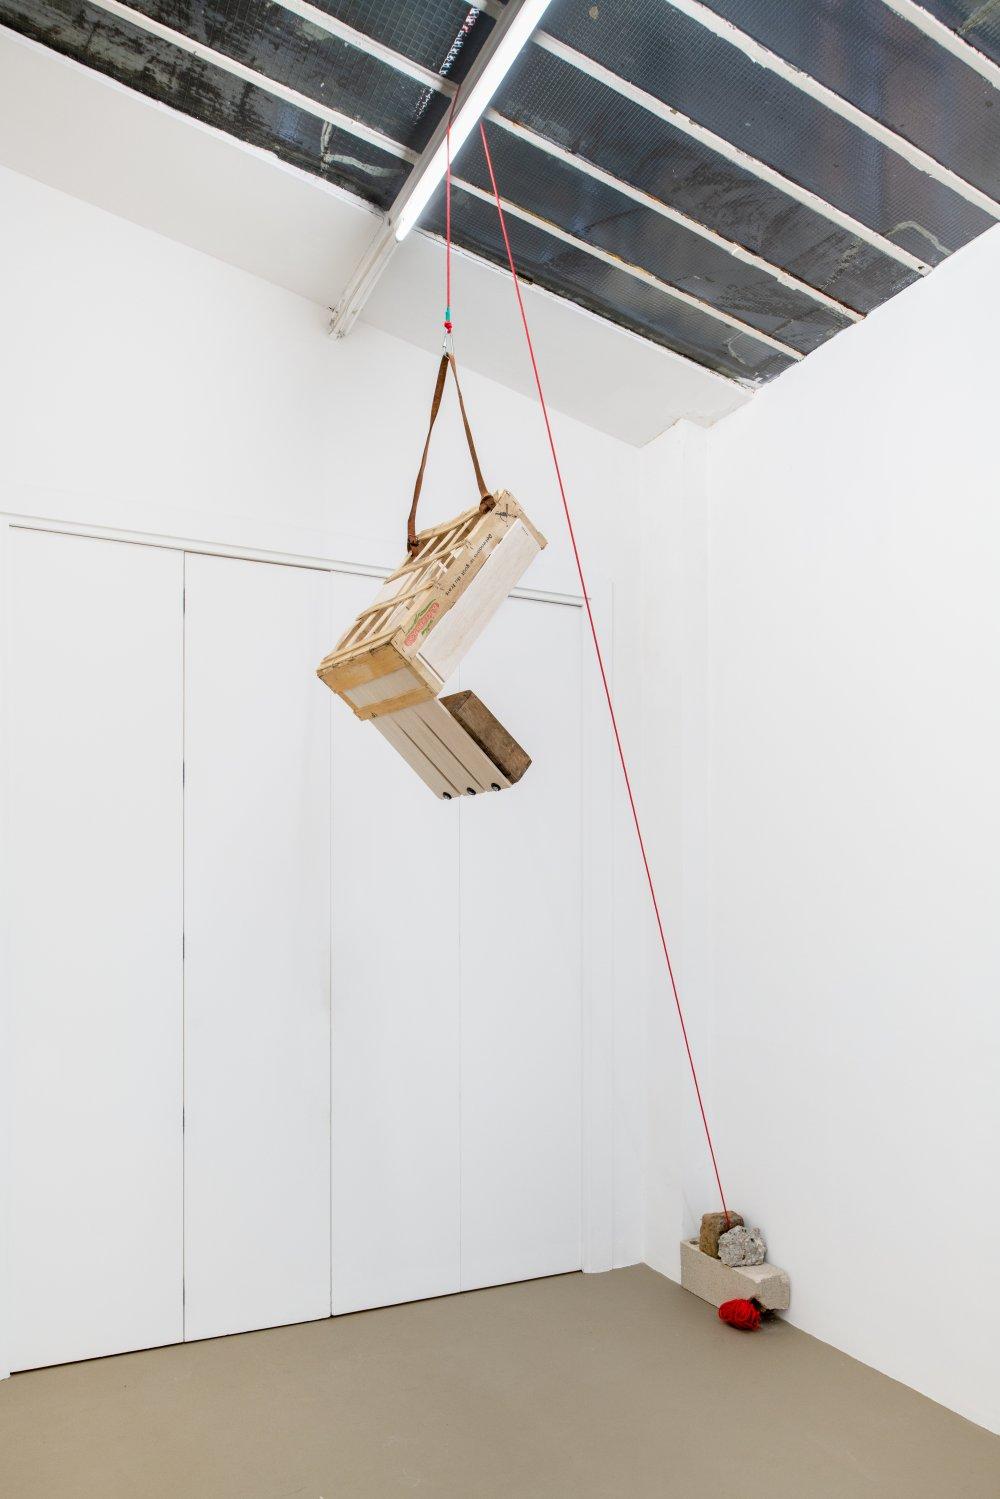 Untitled portable sculpture (La Señora de Las Nueces) 9